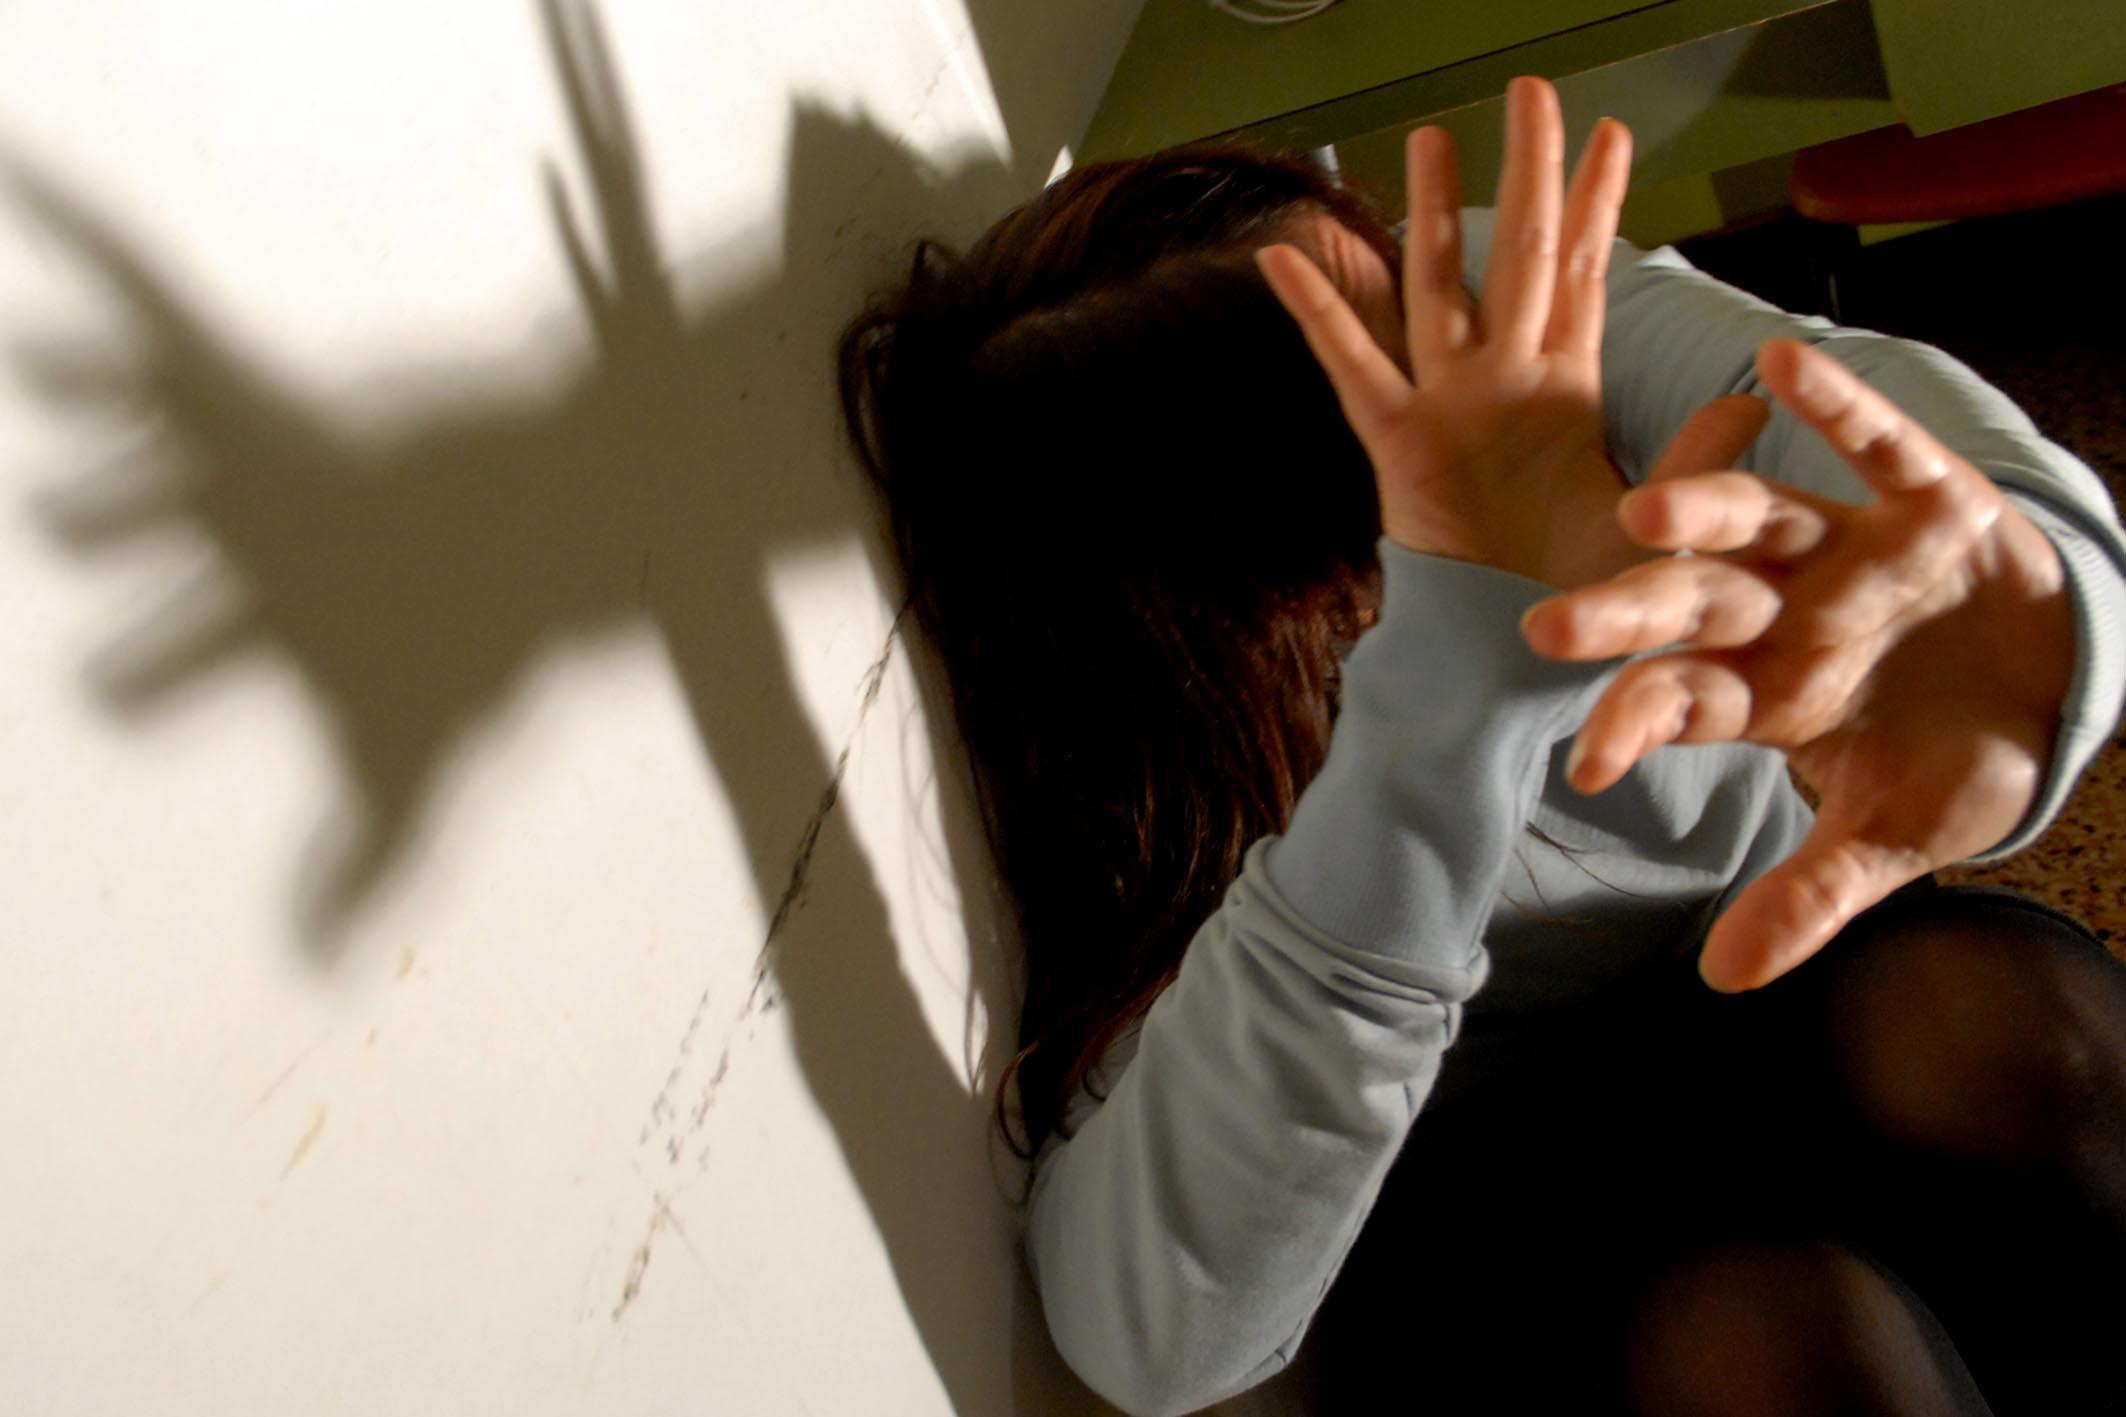 Valle Caudina: Arrestato un 45enne per violenza sessuale su minore